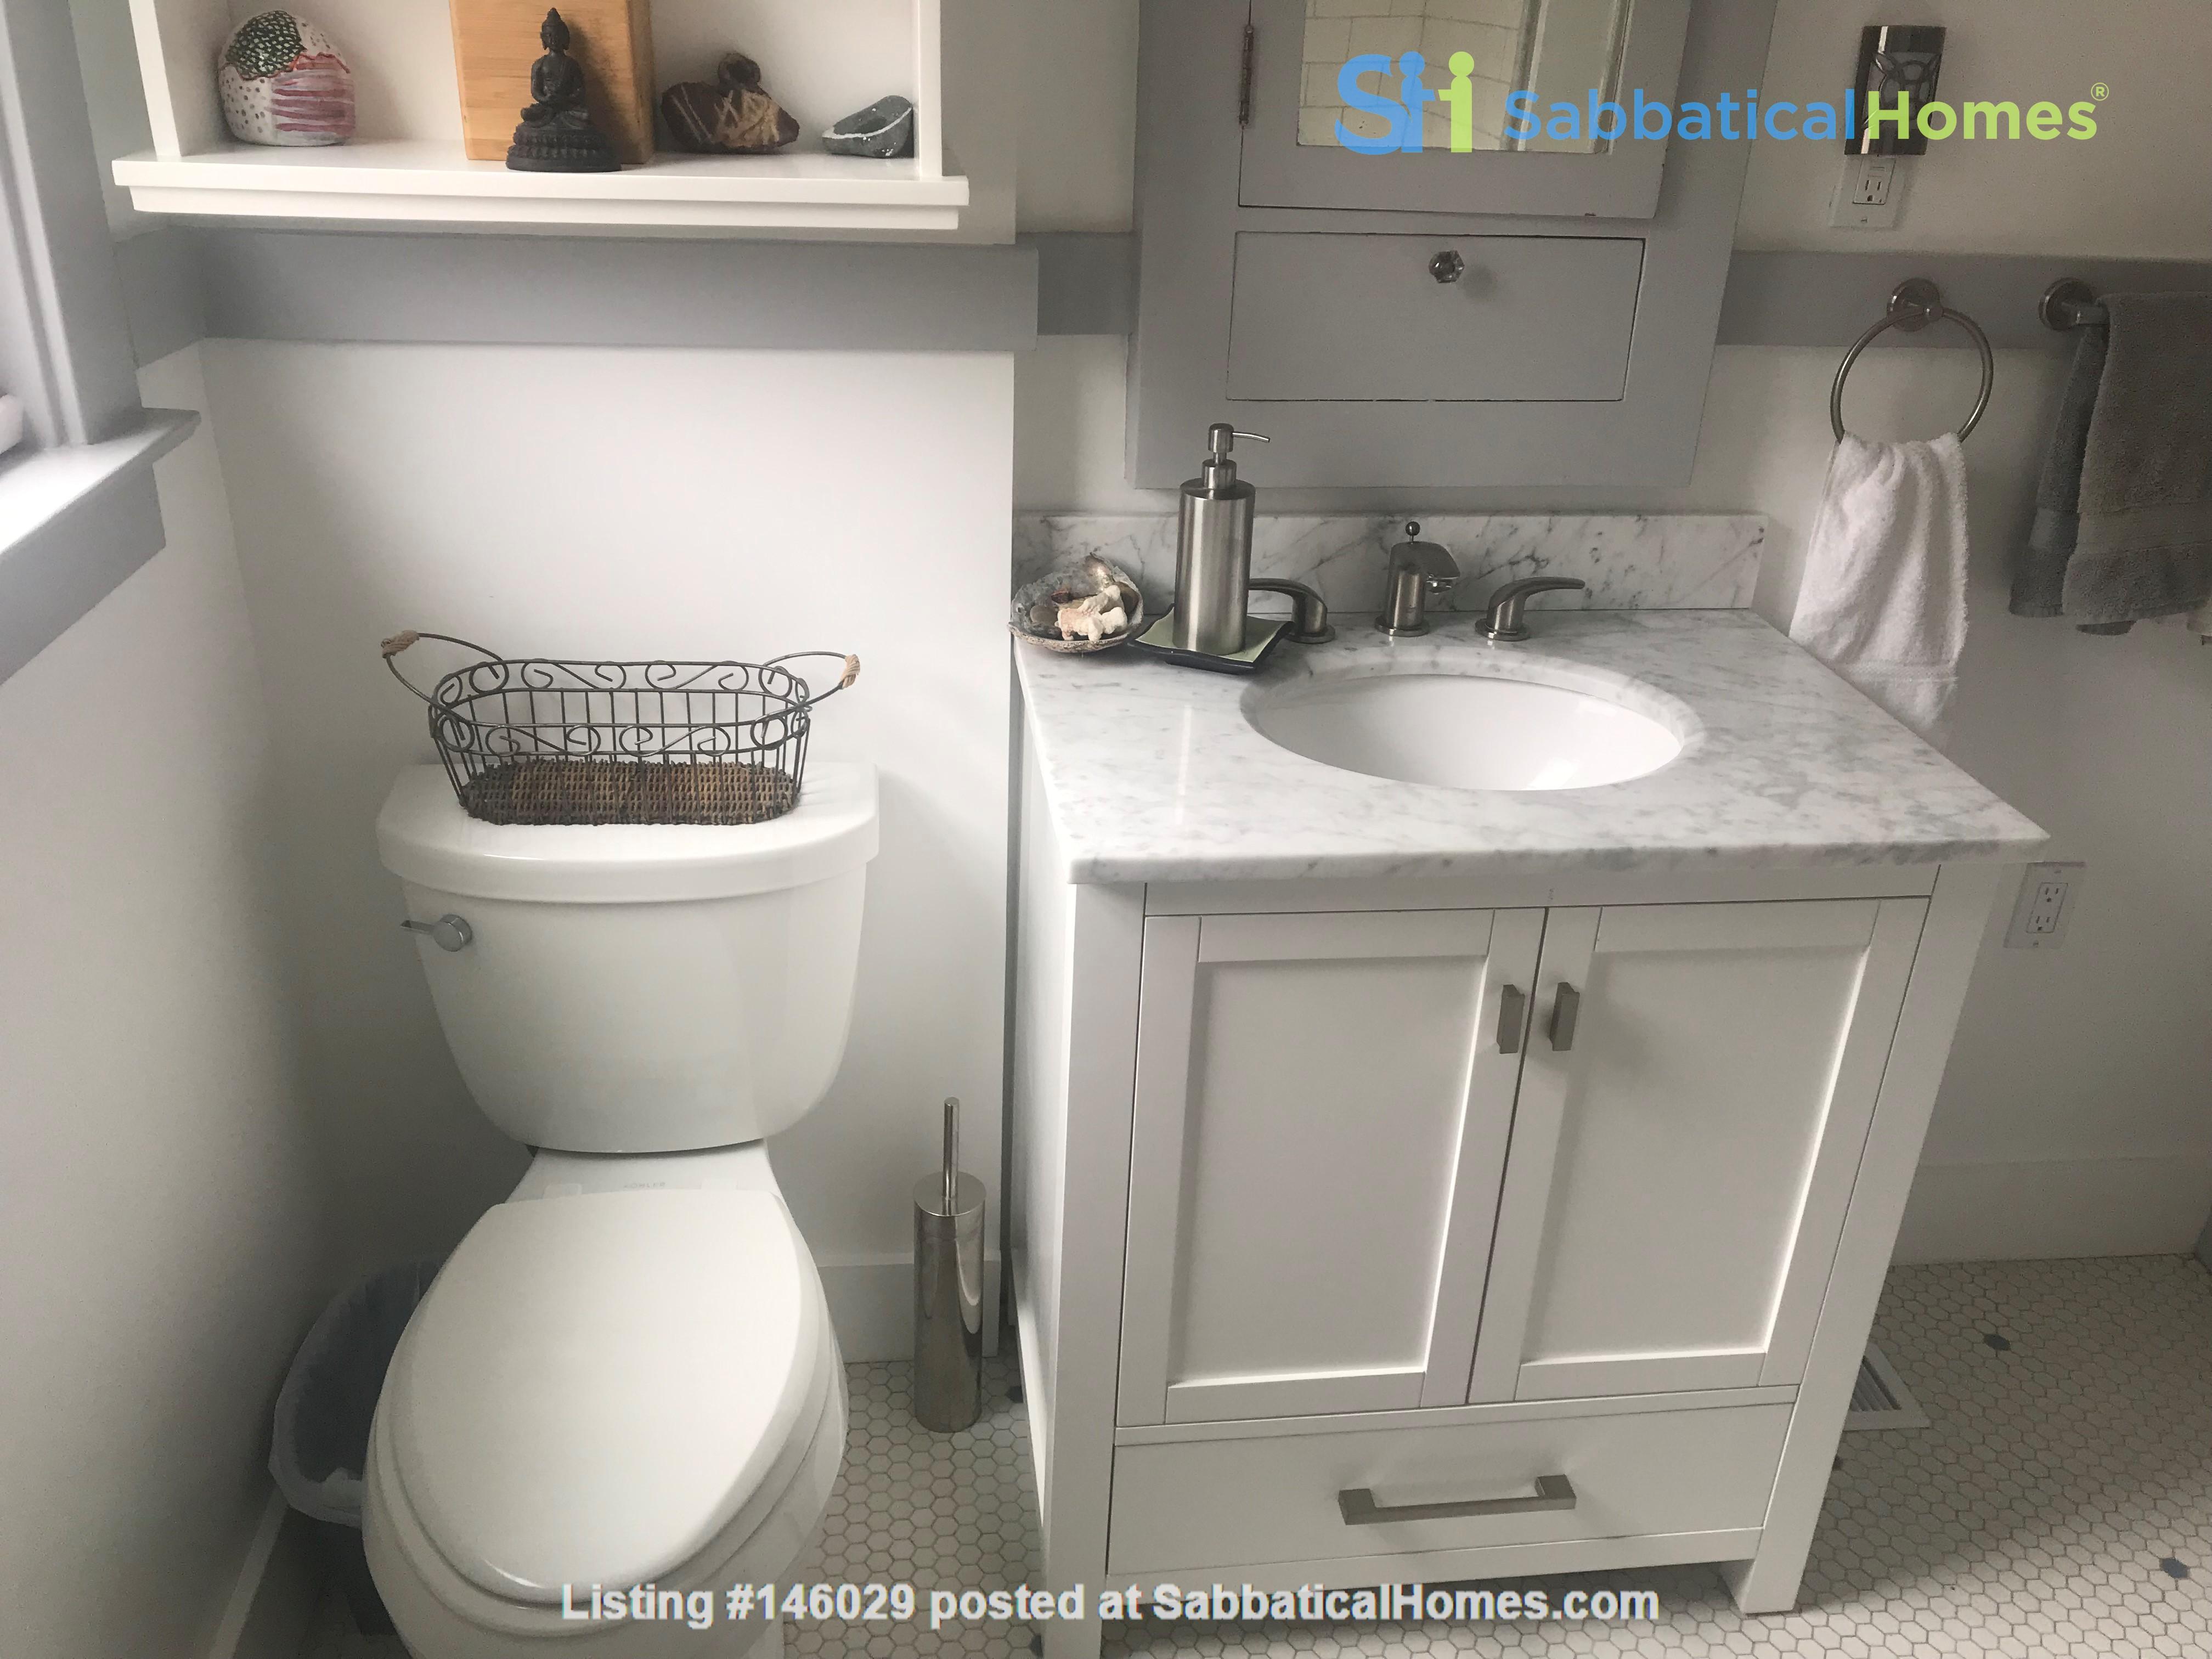 Sublet  Sunny Furnished 3 bedroom / 1..5 bathroom Berkeley Home Home Rental in Berkeley 5